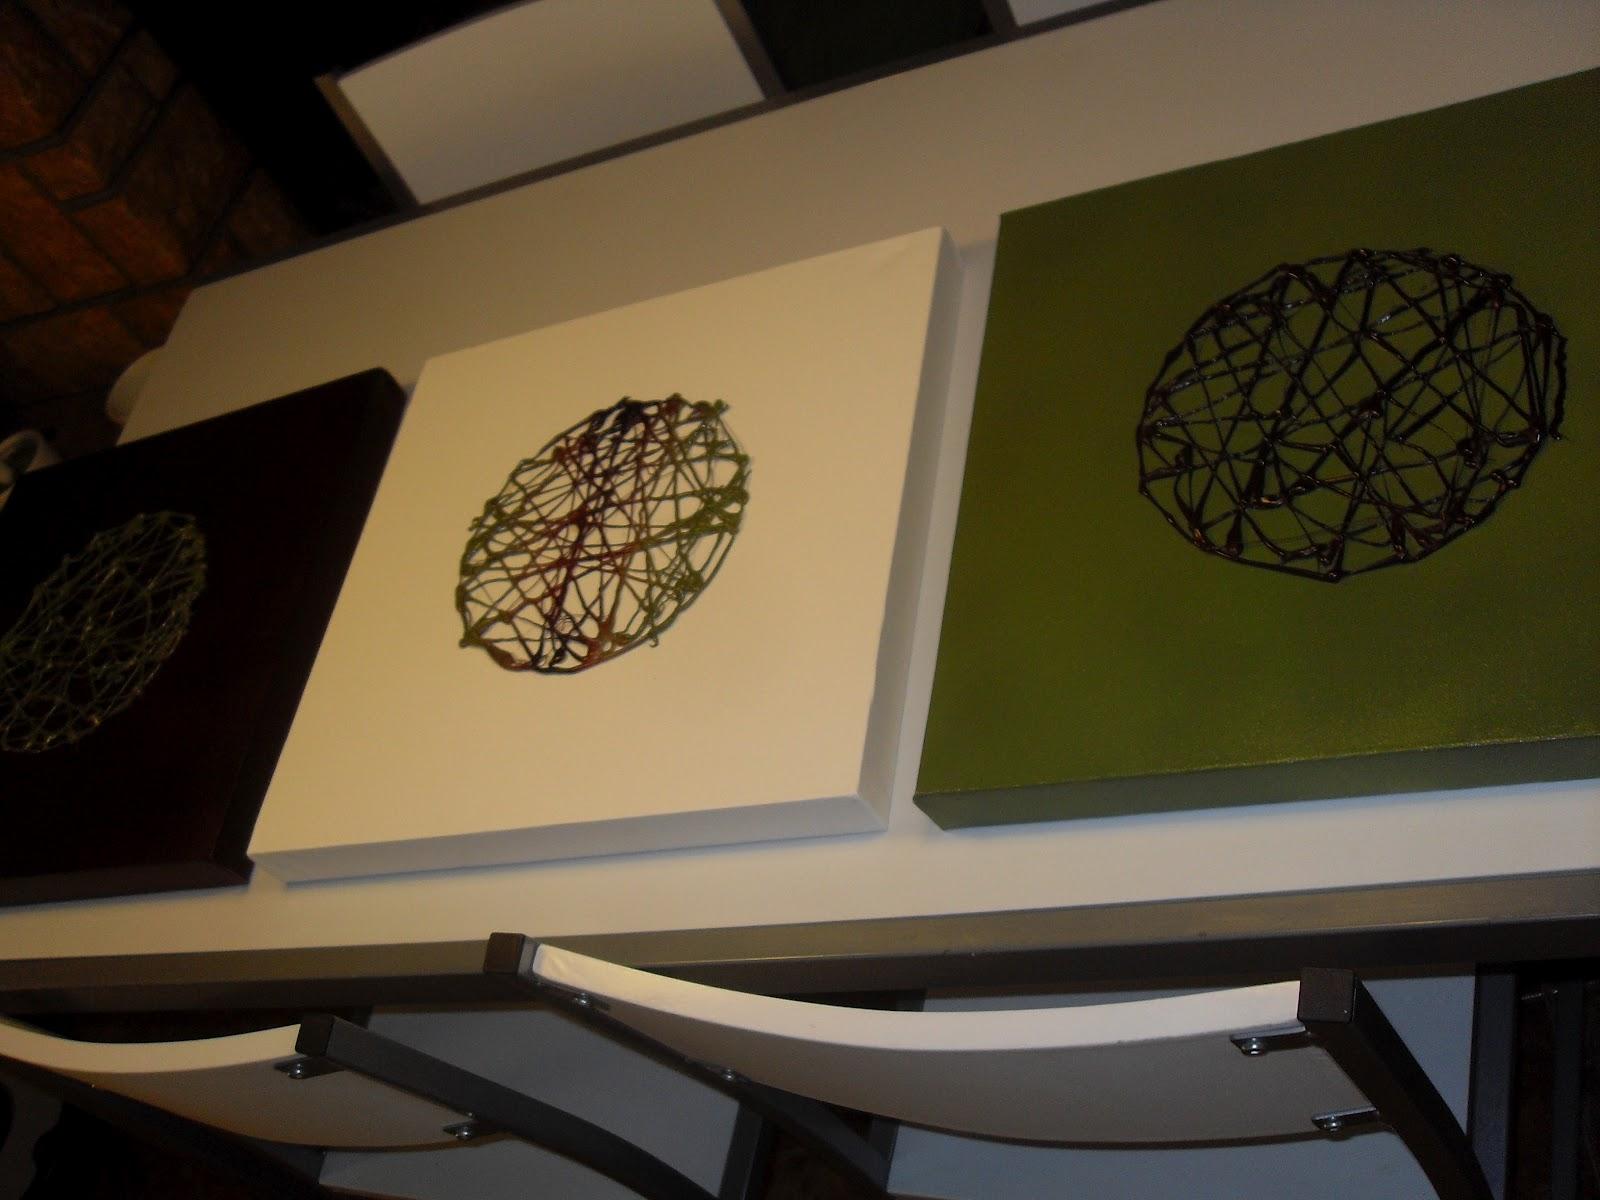 Esos cuadros me los hago yo yonolotiraria yonolotiraria - Ideas para pintar cuadros ...